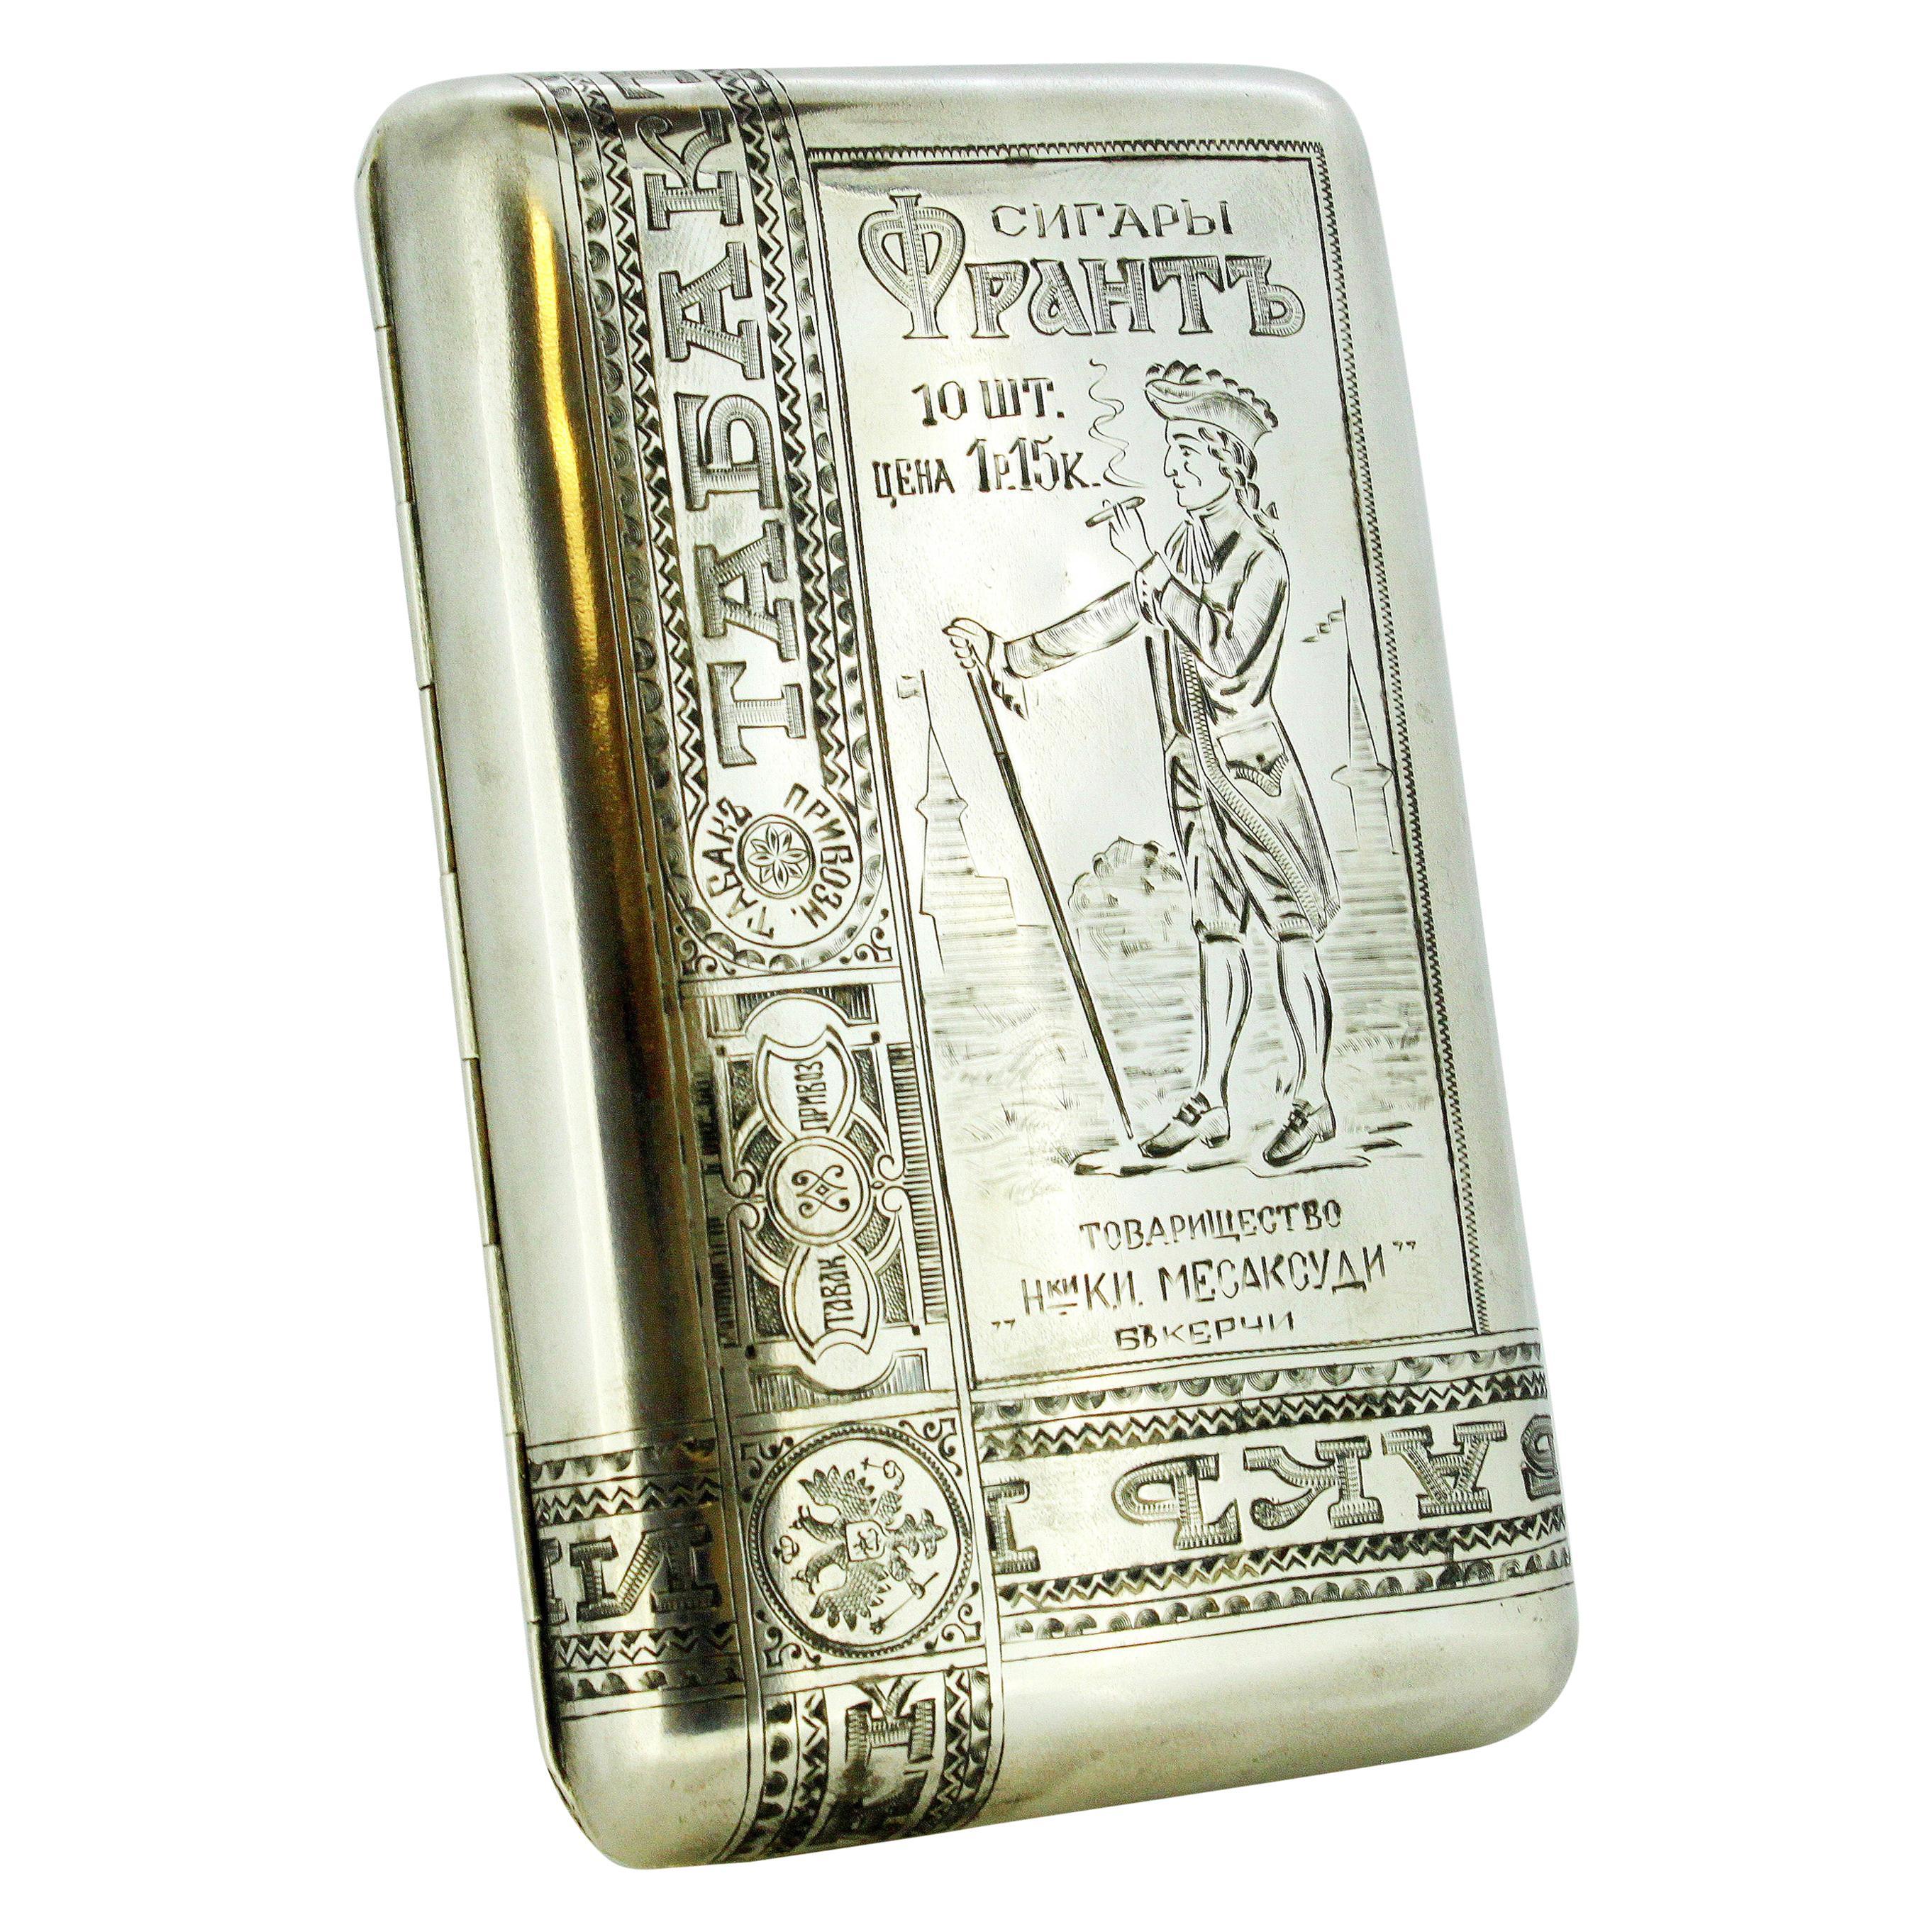 Antique Russian Silver Cigarette / Tobacco Box Russia, circa 1896